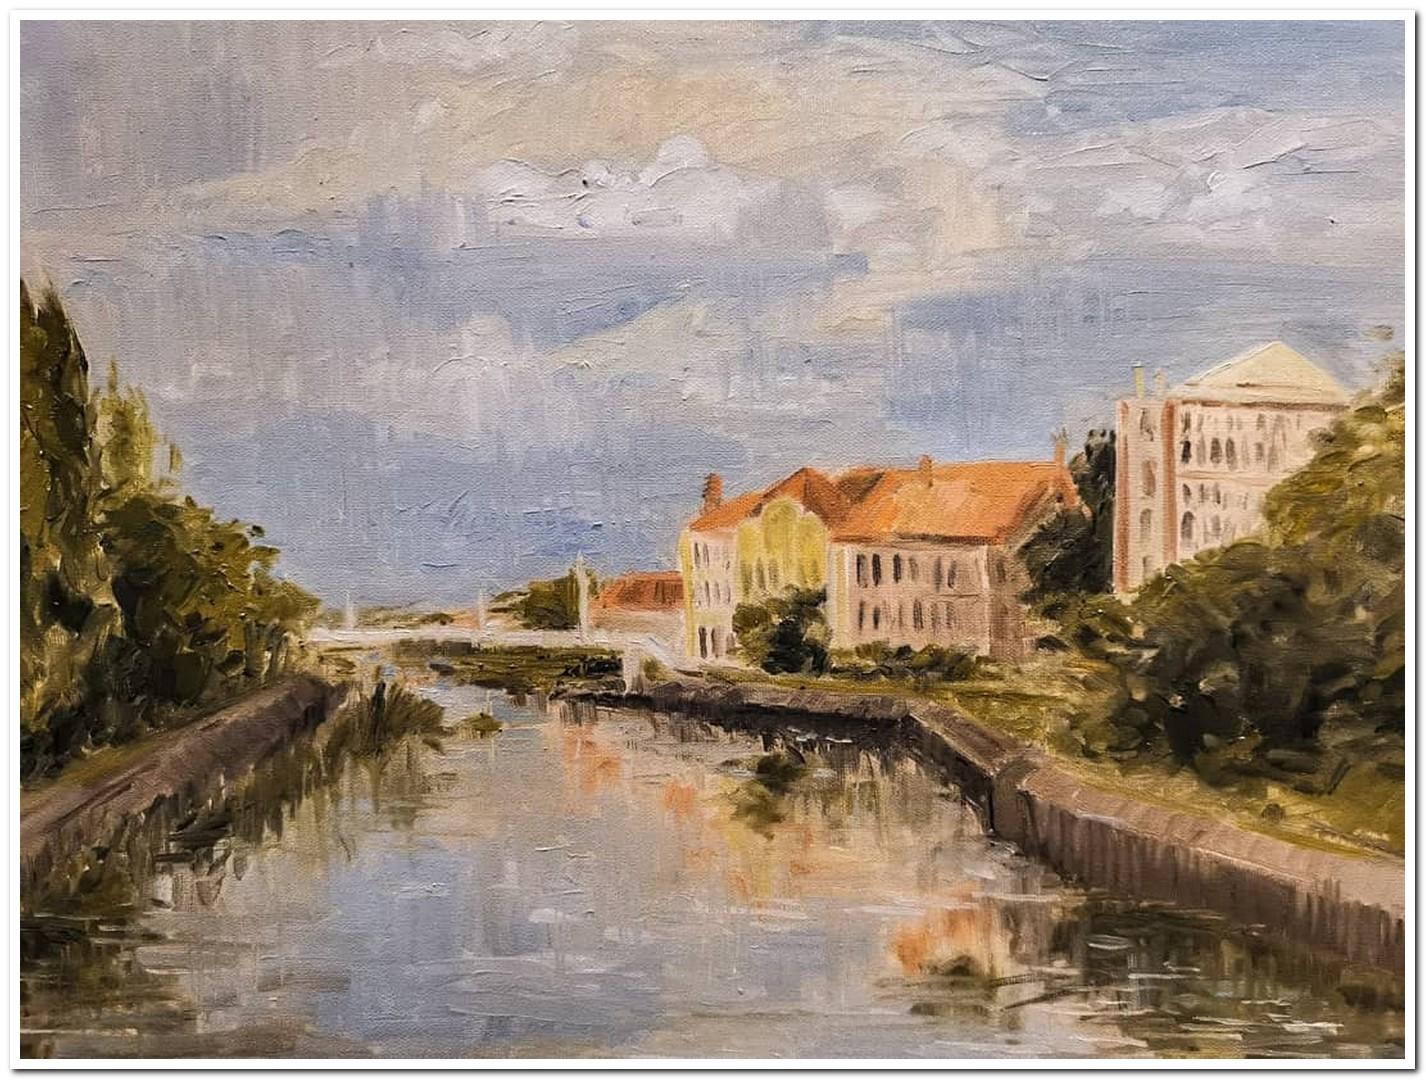 Stara pivara i palata Dundjerski, ulje na platnu, 2020